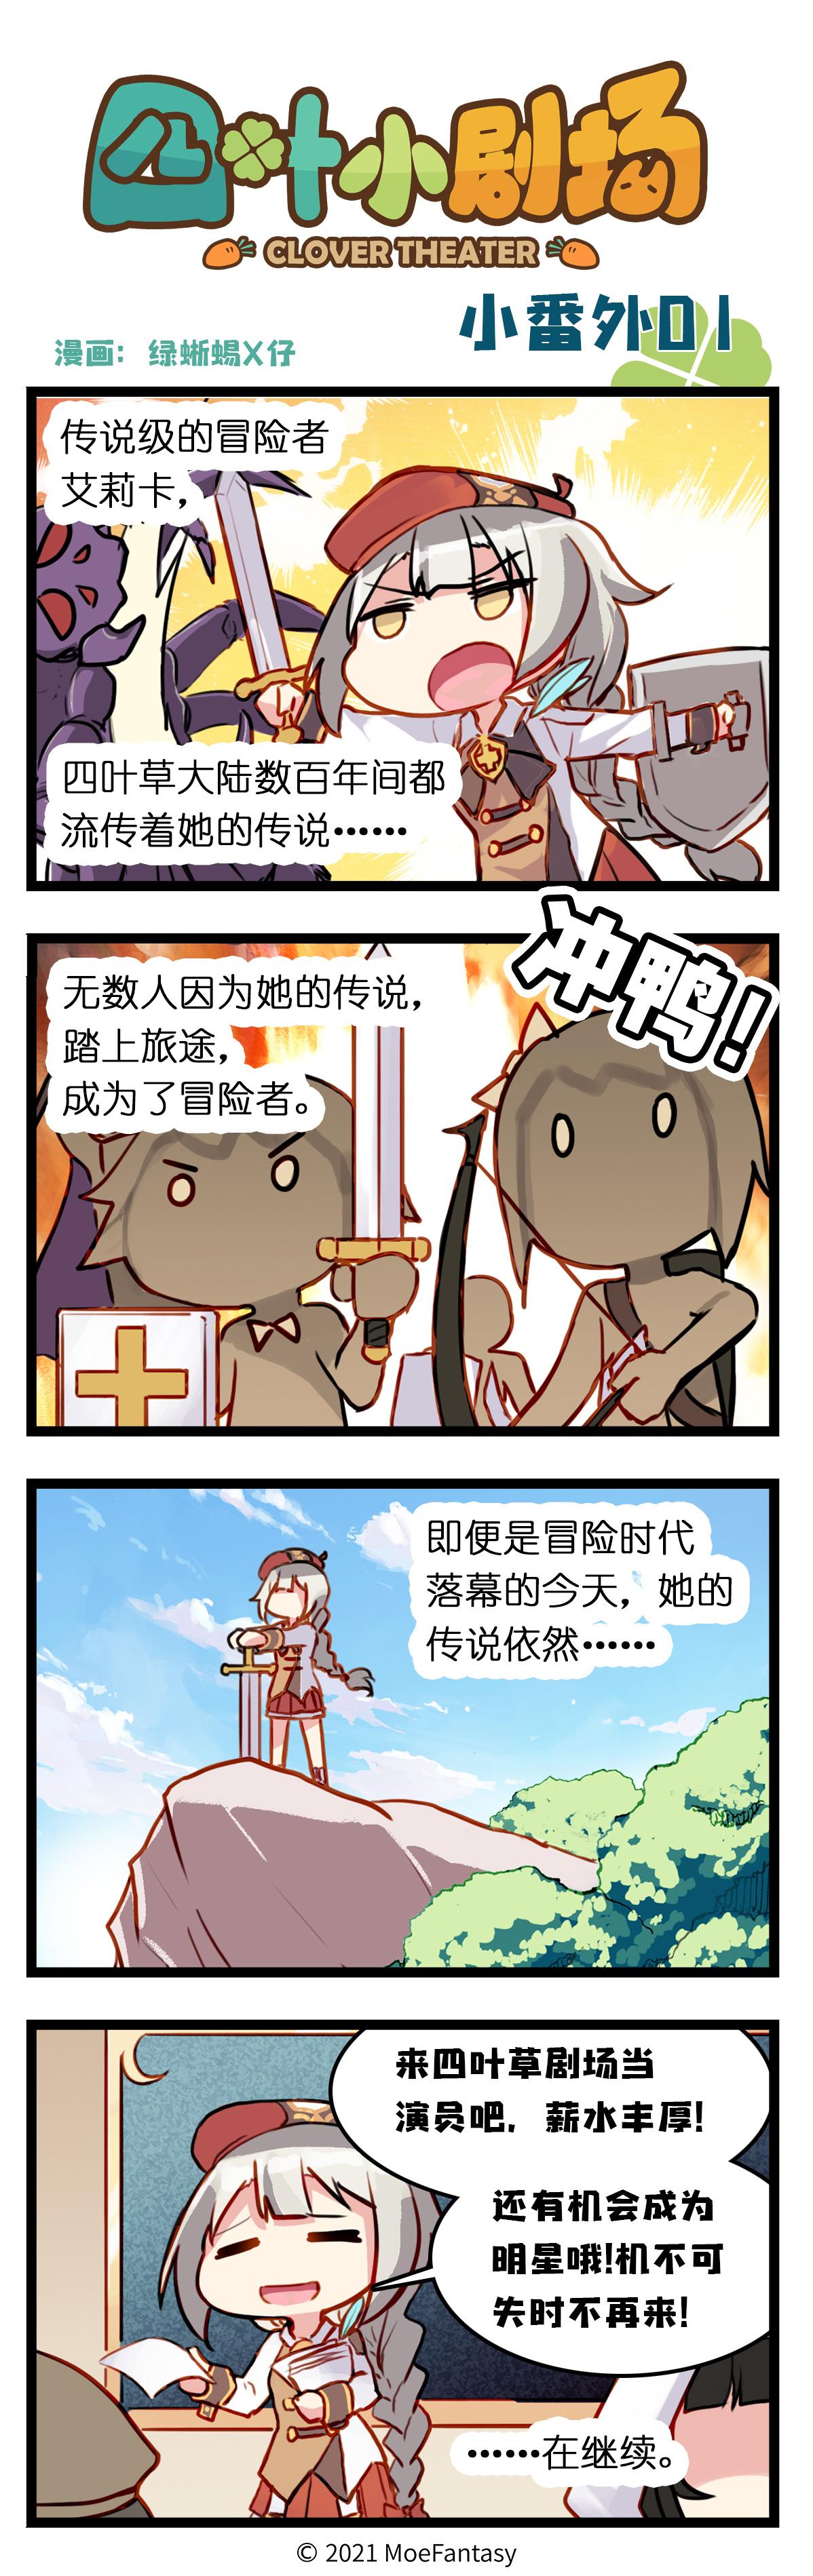 【官方漫画】四叶草剧场小番外01